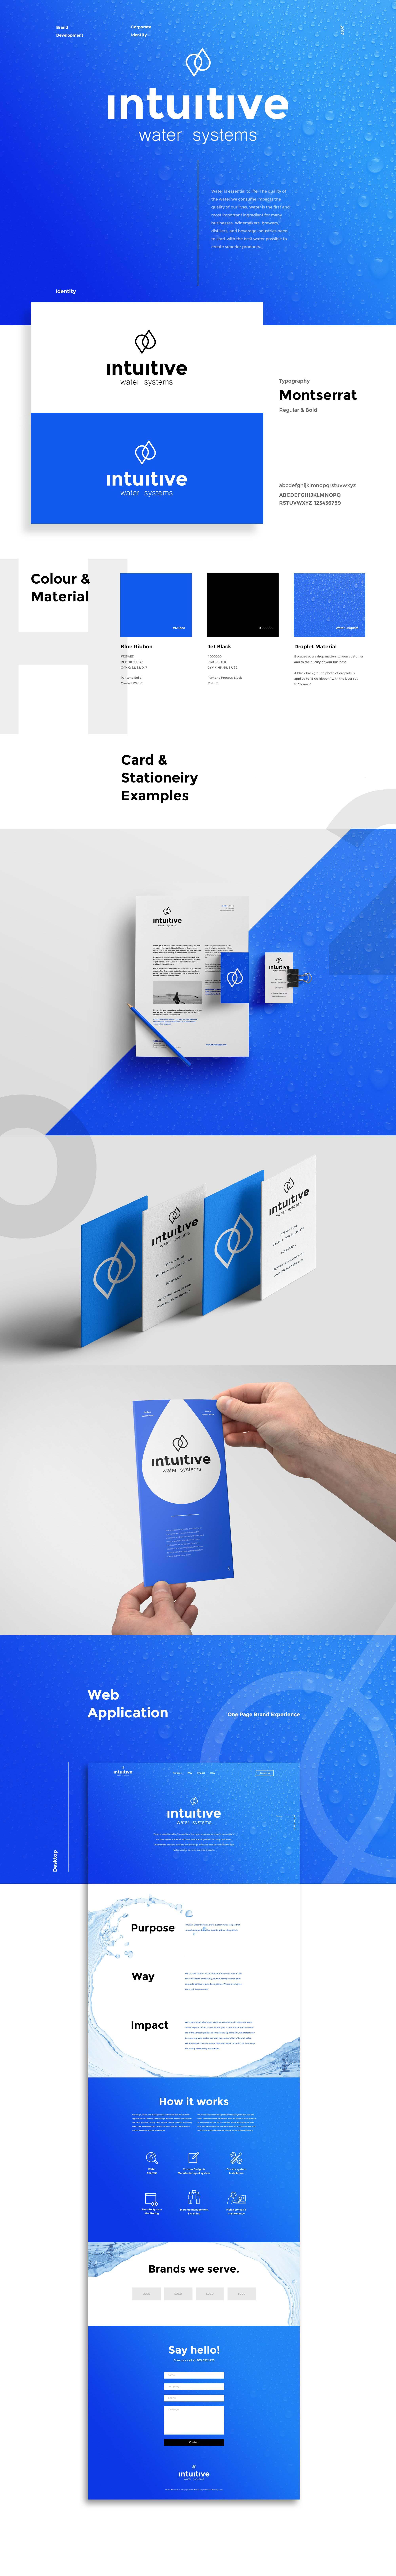 Intuitive portfolio